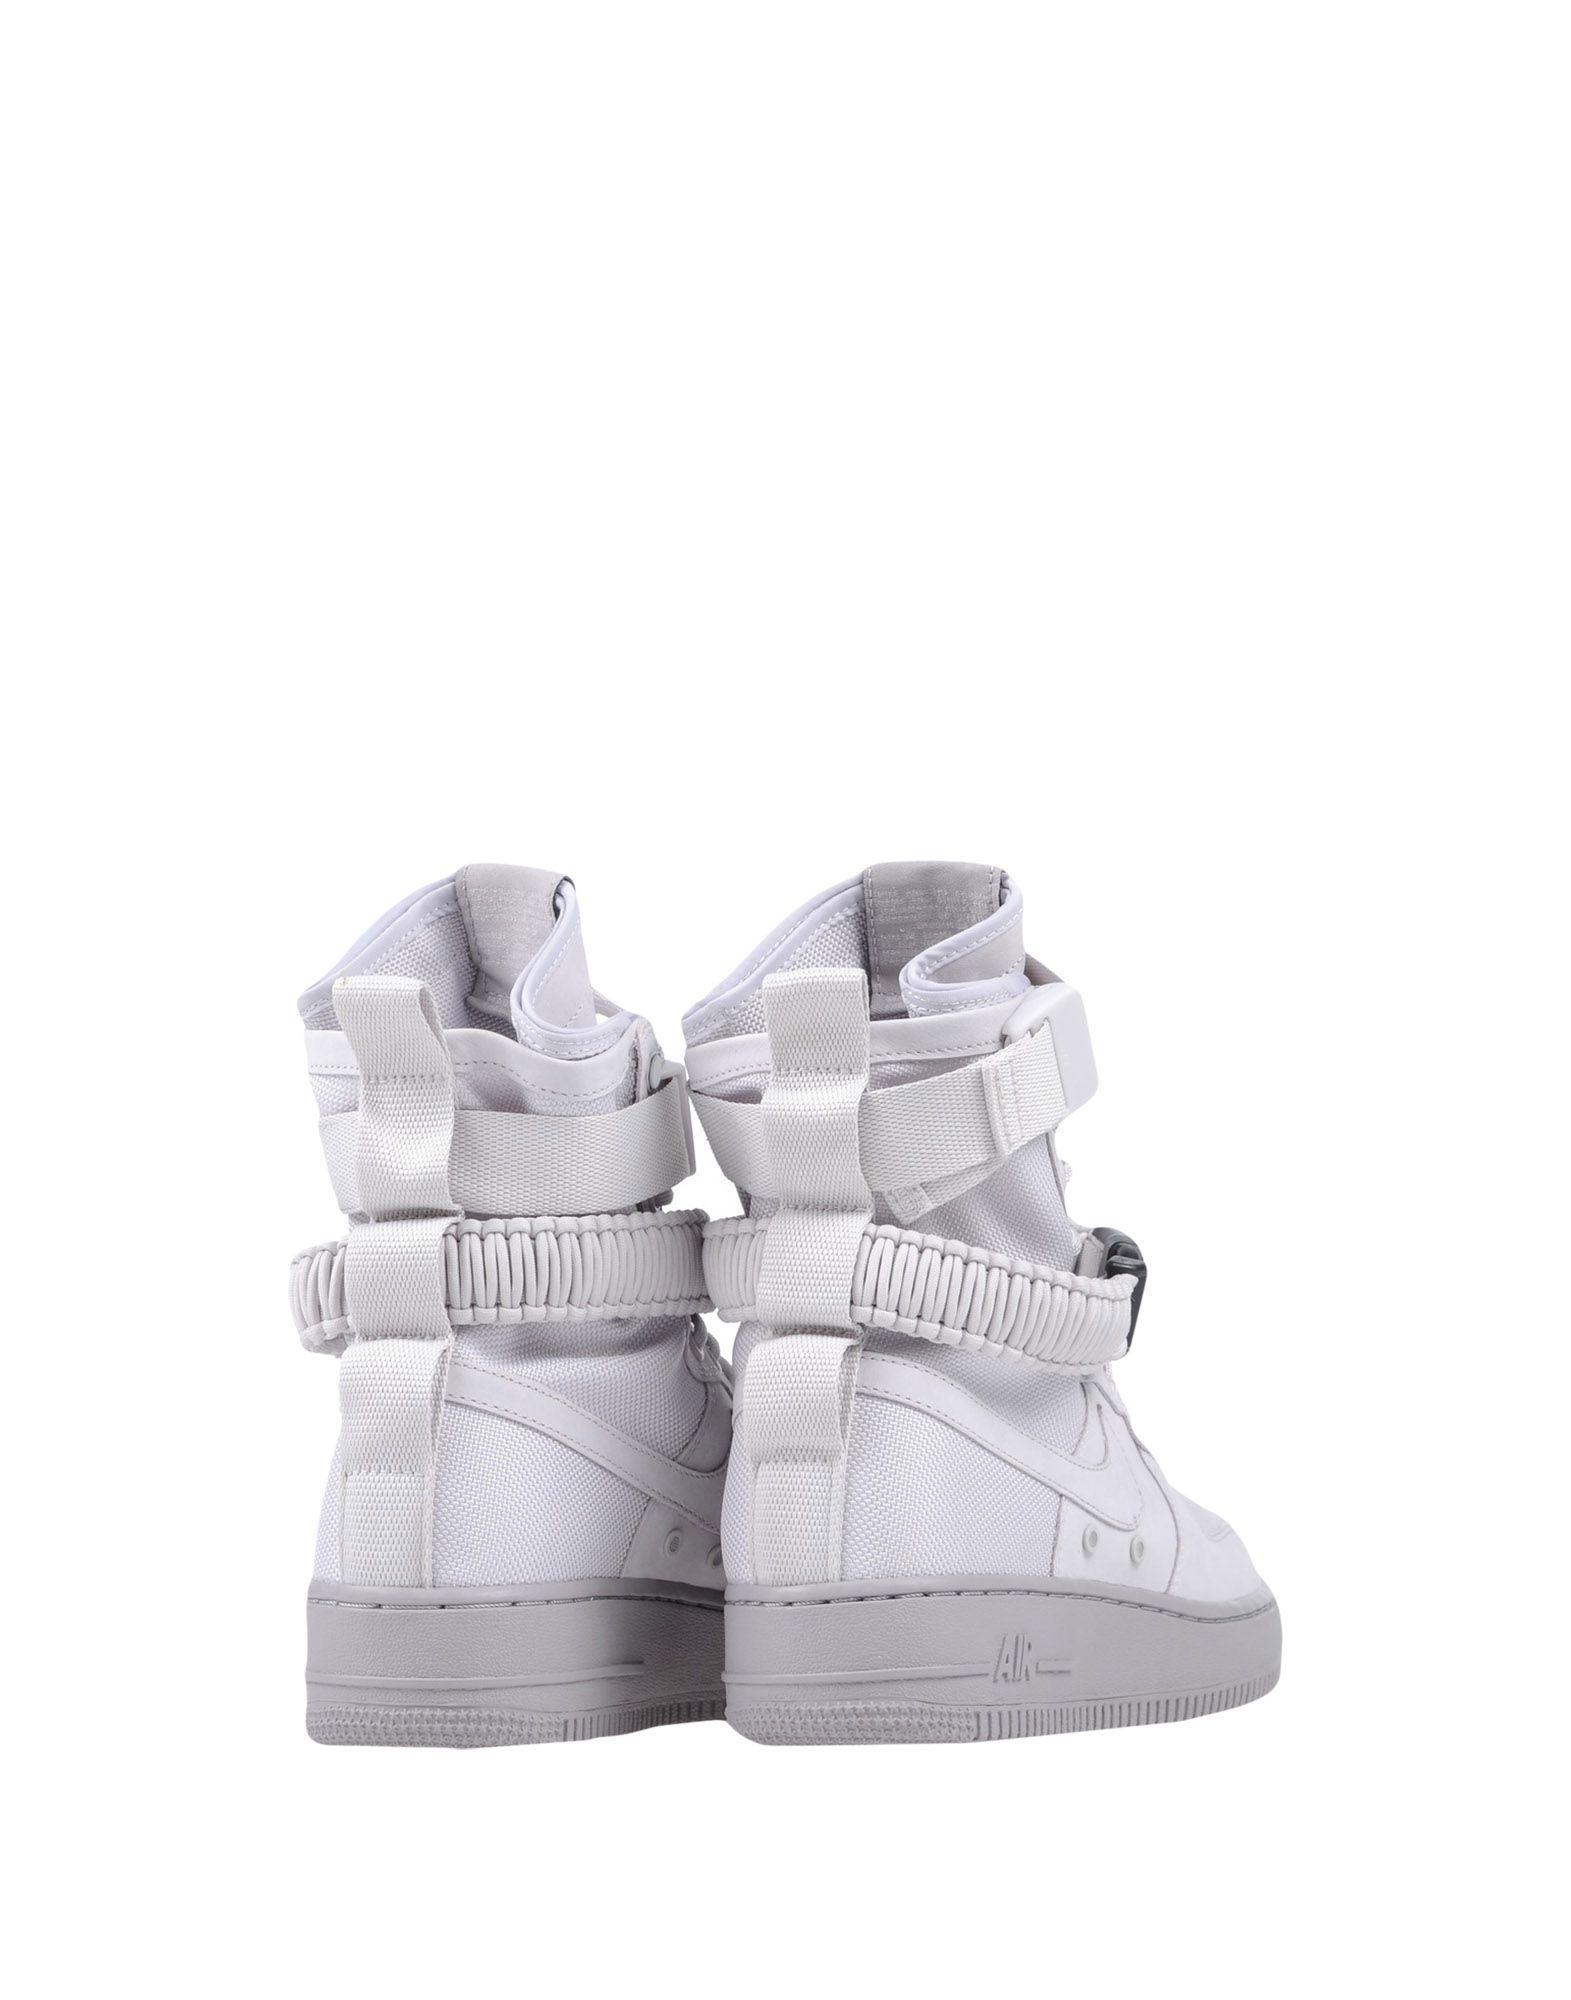 Sneakers Nike  Sf Af1 - Femme - Sneakers Nike sur